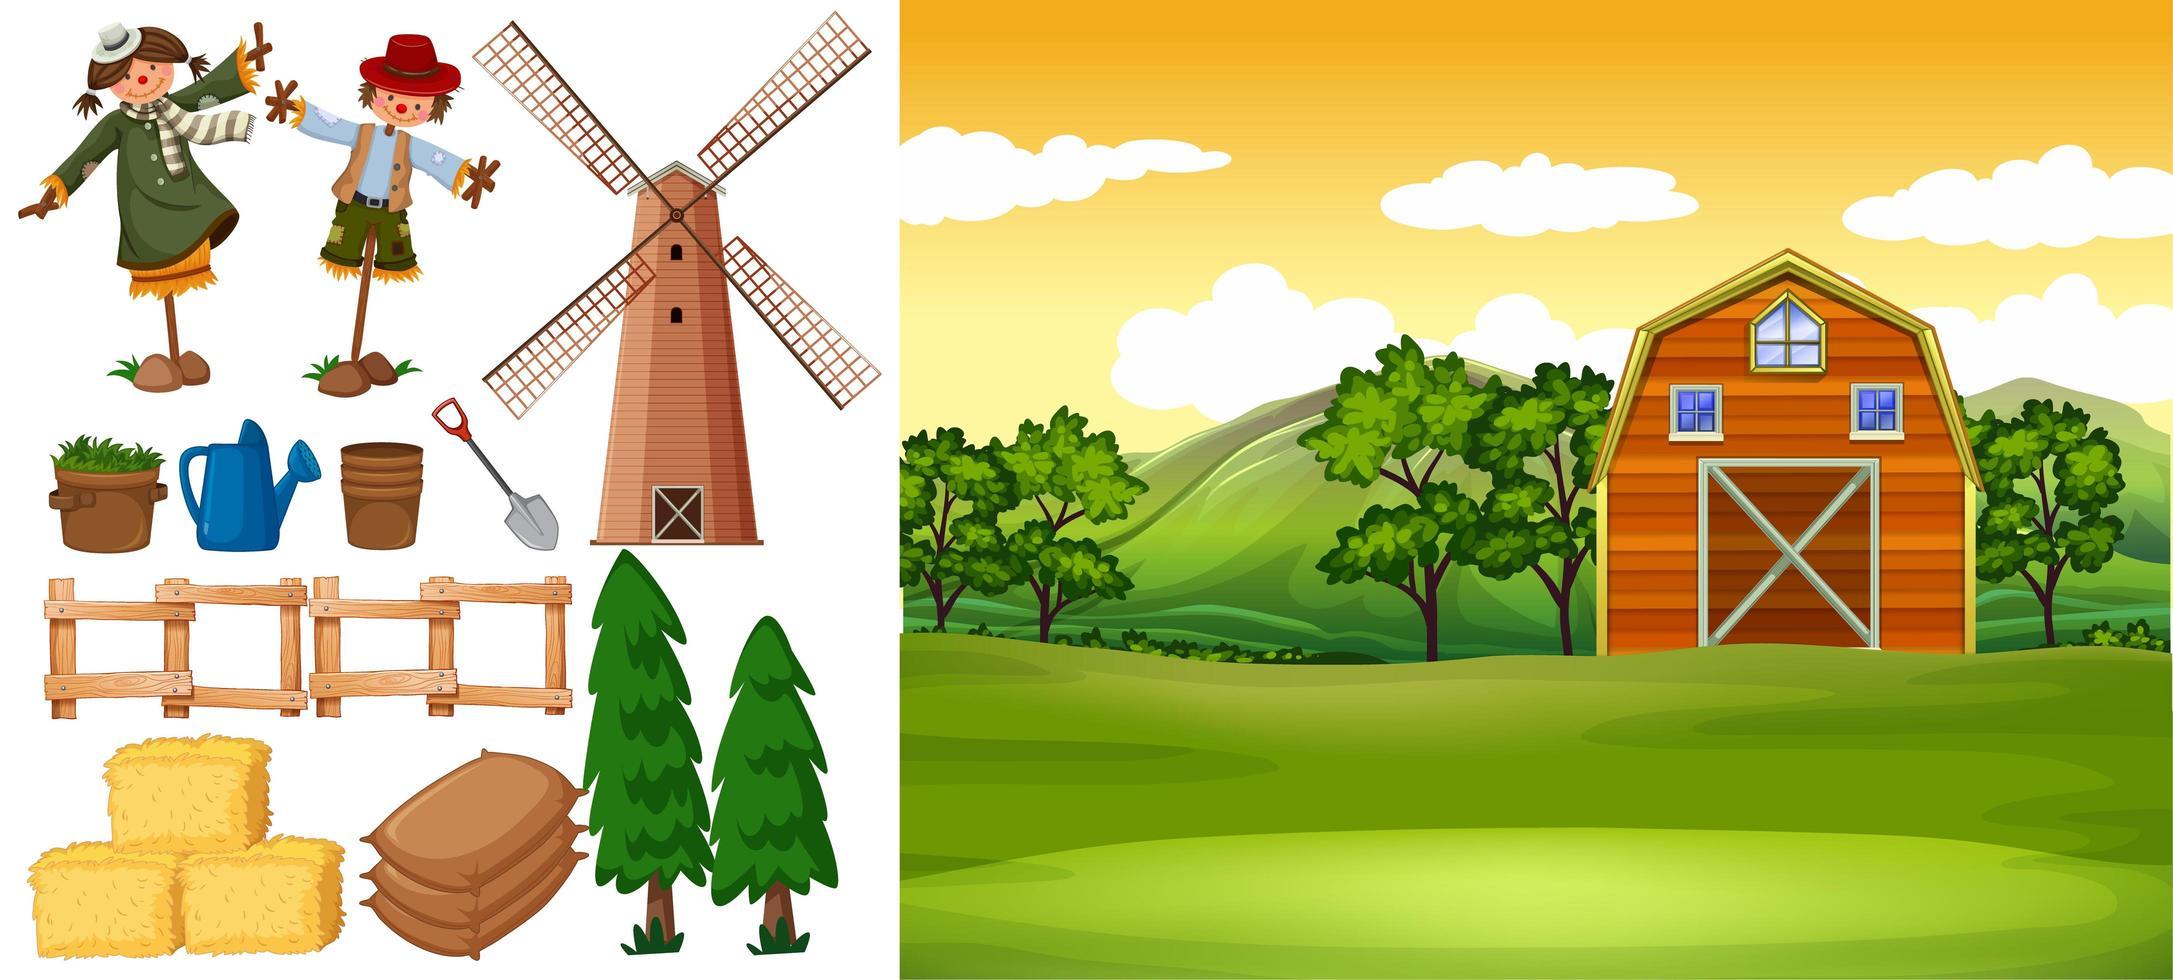 Bauernhofszene mit Scheune und anderen landwirtschaftlichen Gegenständen vektor